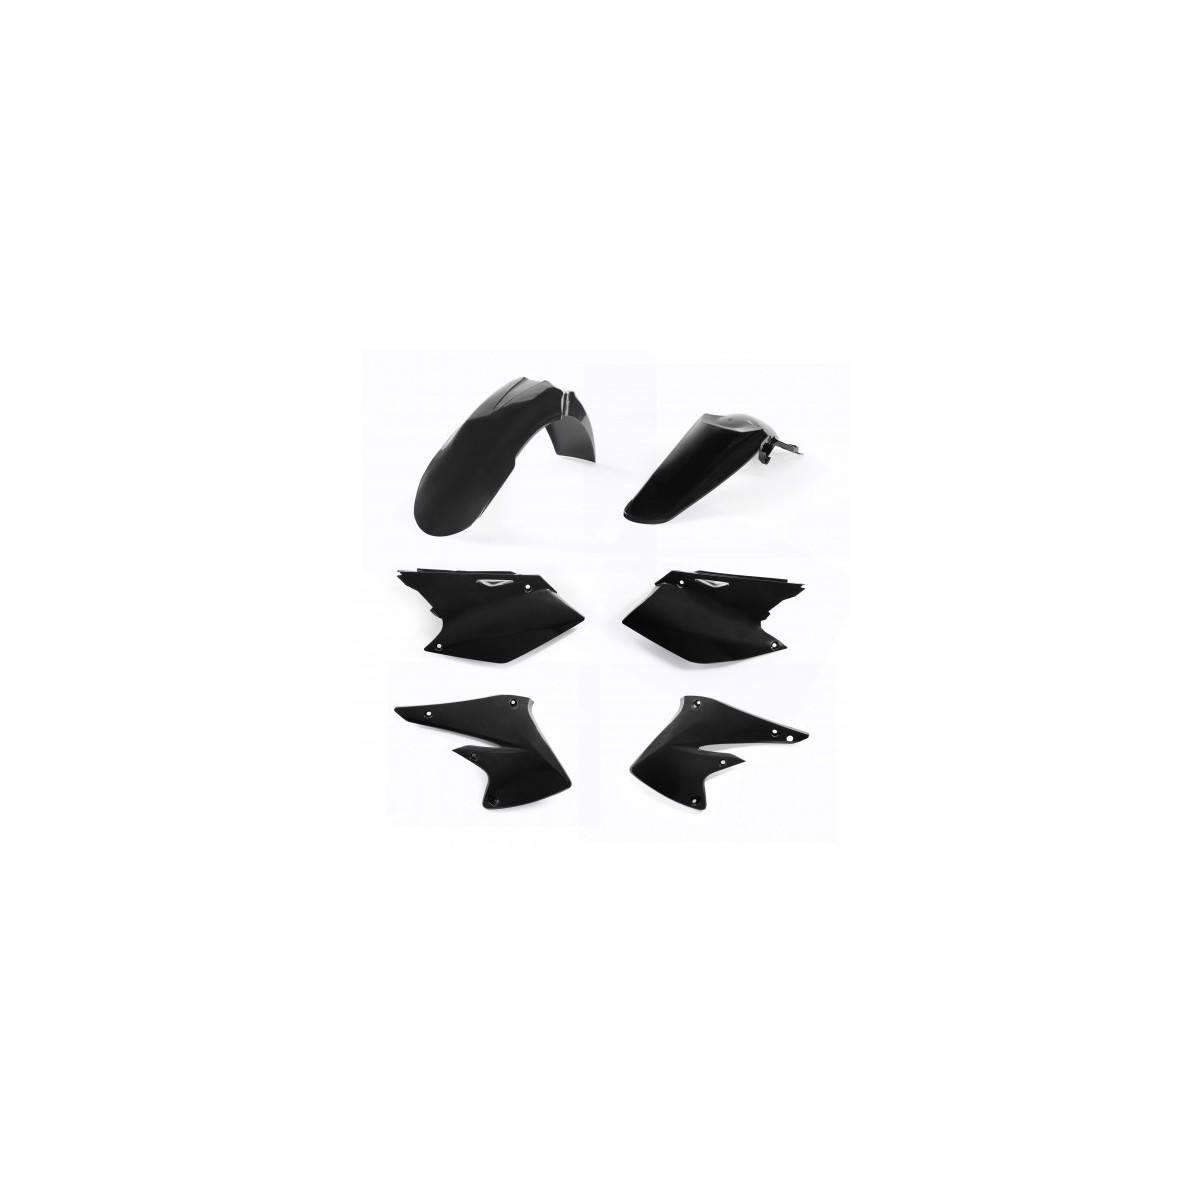 0017874-090 - Kit Plasticos Yz 125 Yz 250 Wr 125 Wr 250 15 17 Negro